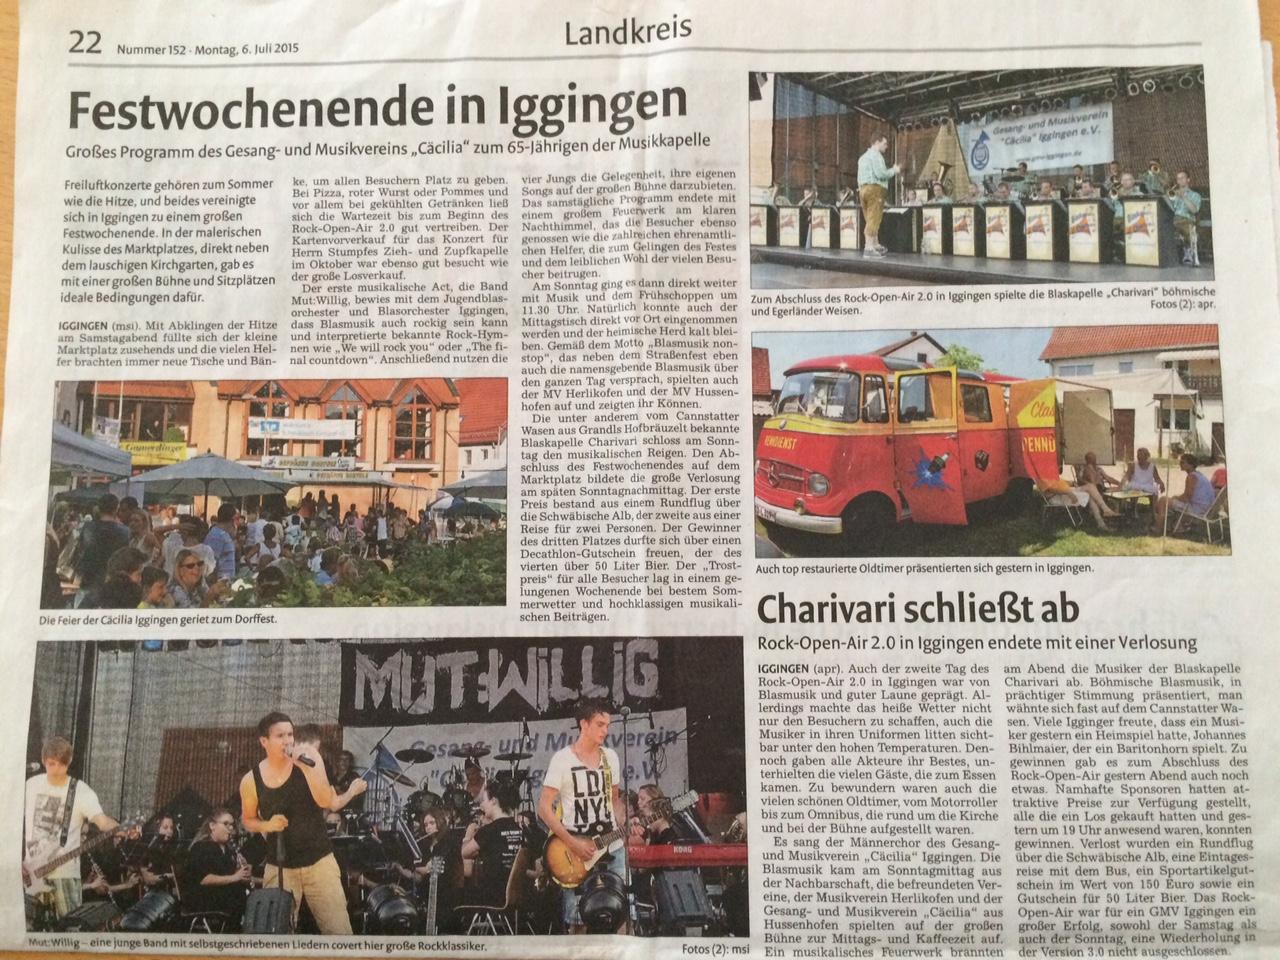 Berichterstattung Remszeitung vom 6.7.